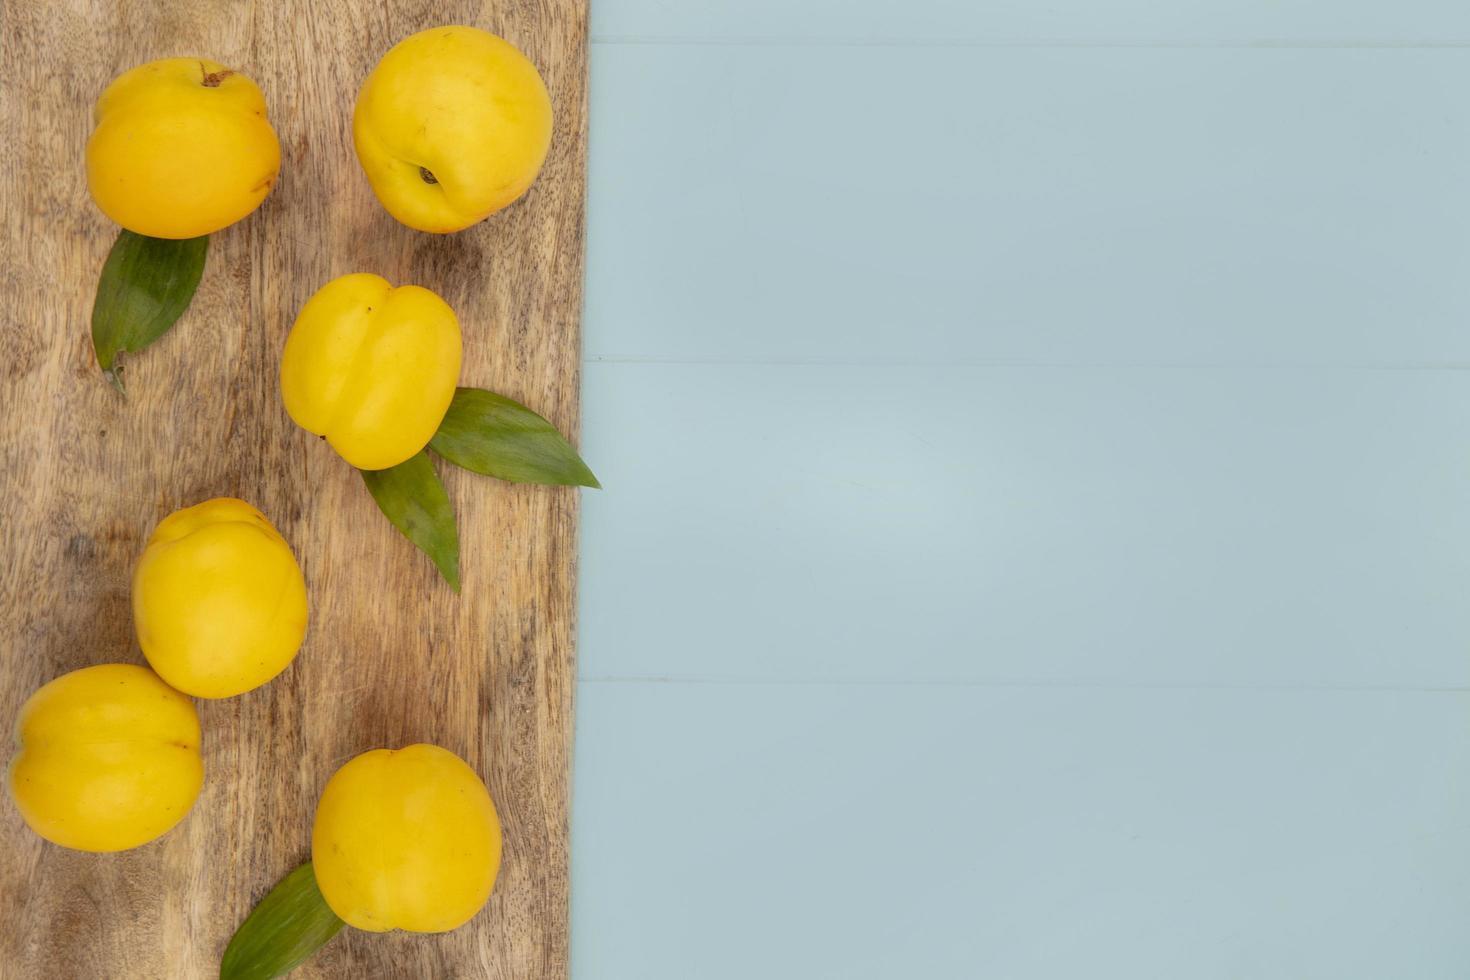 Vista superior de deliciosos melocotones amarillos frescos aislado en una placa de cocina de madera sobre un fondo azul con espacio de copia foto